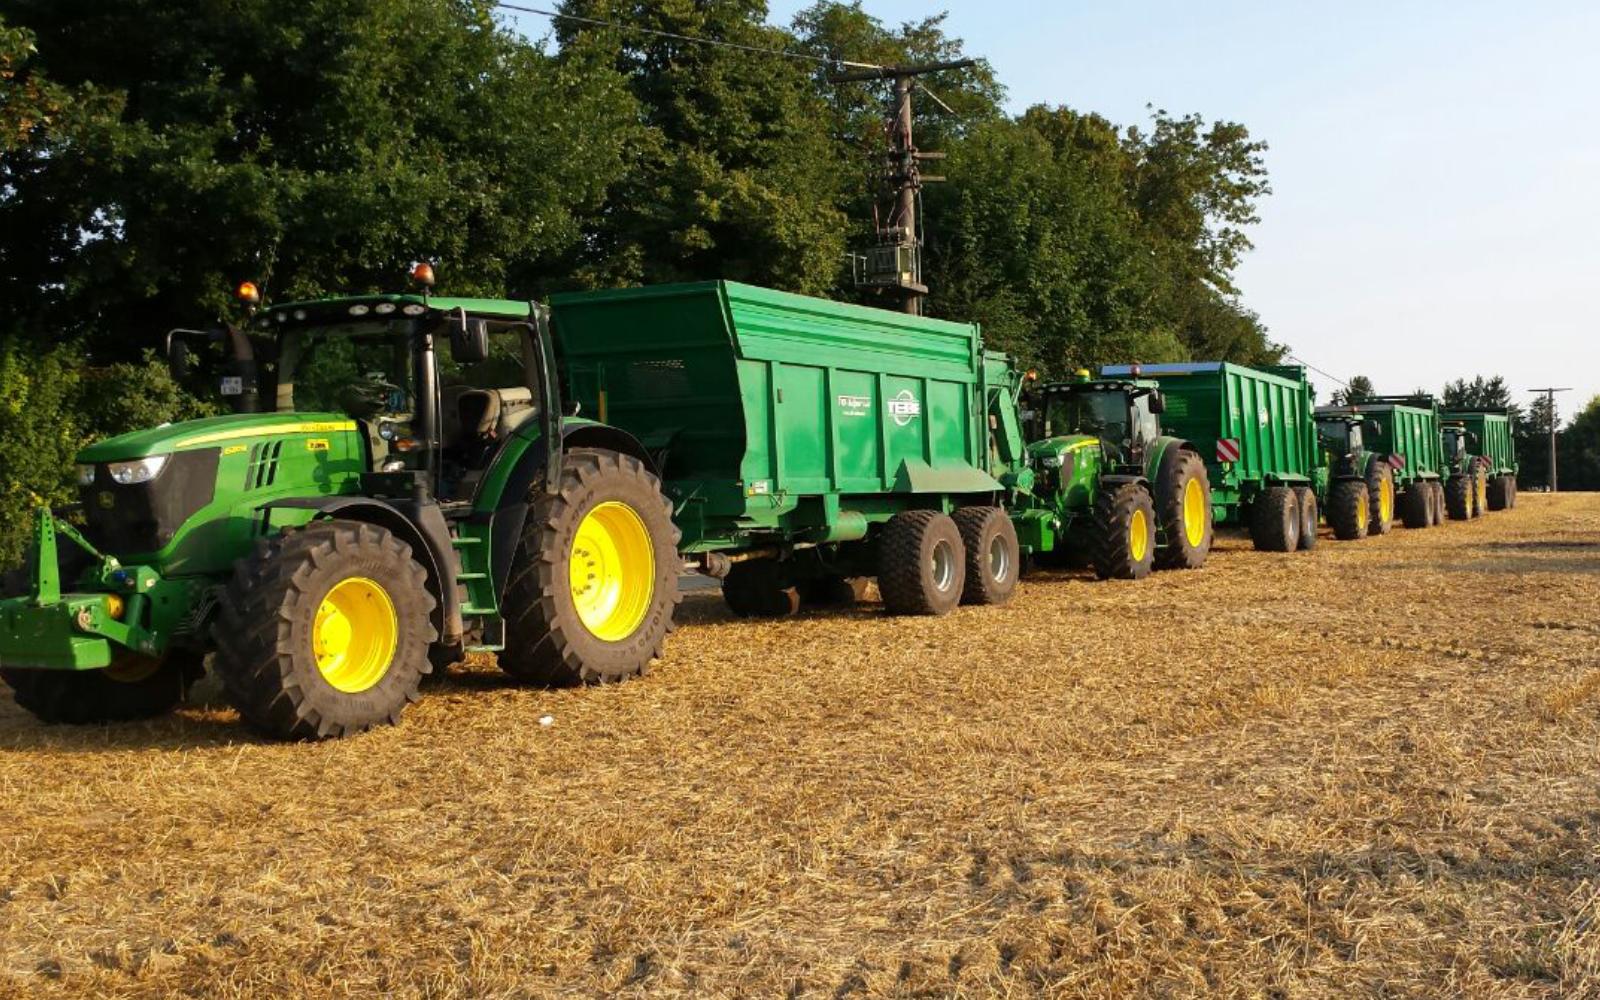 Traktor_2_1600_1000